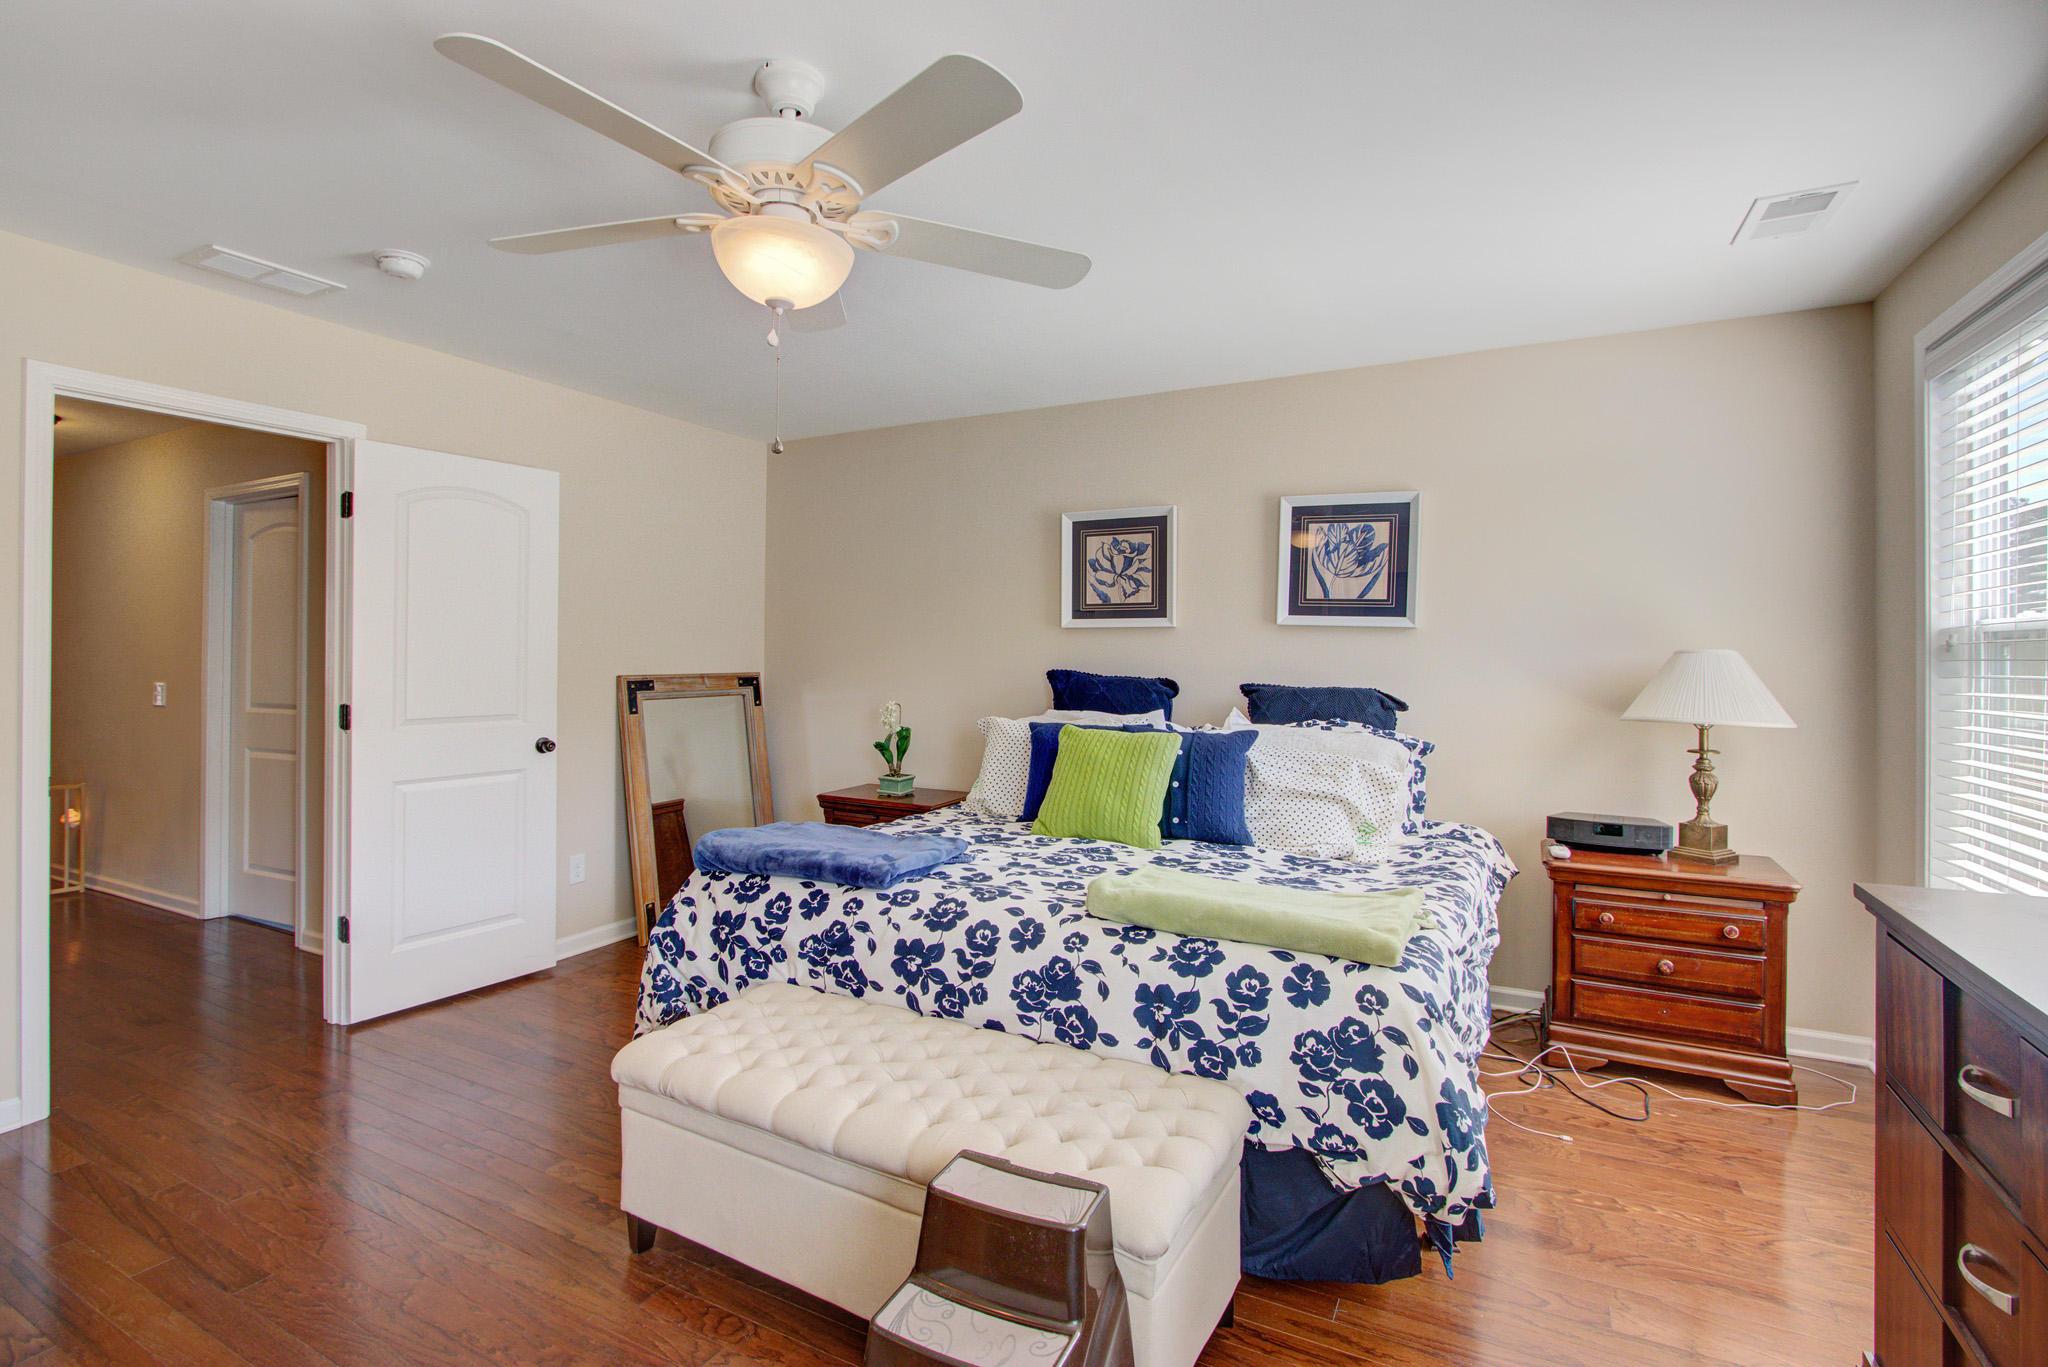 Sunnyfield Homes For Sale - 203 Medford, Summerville, SC - 11